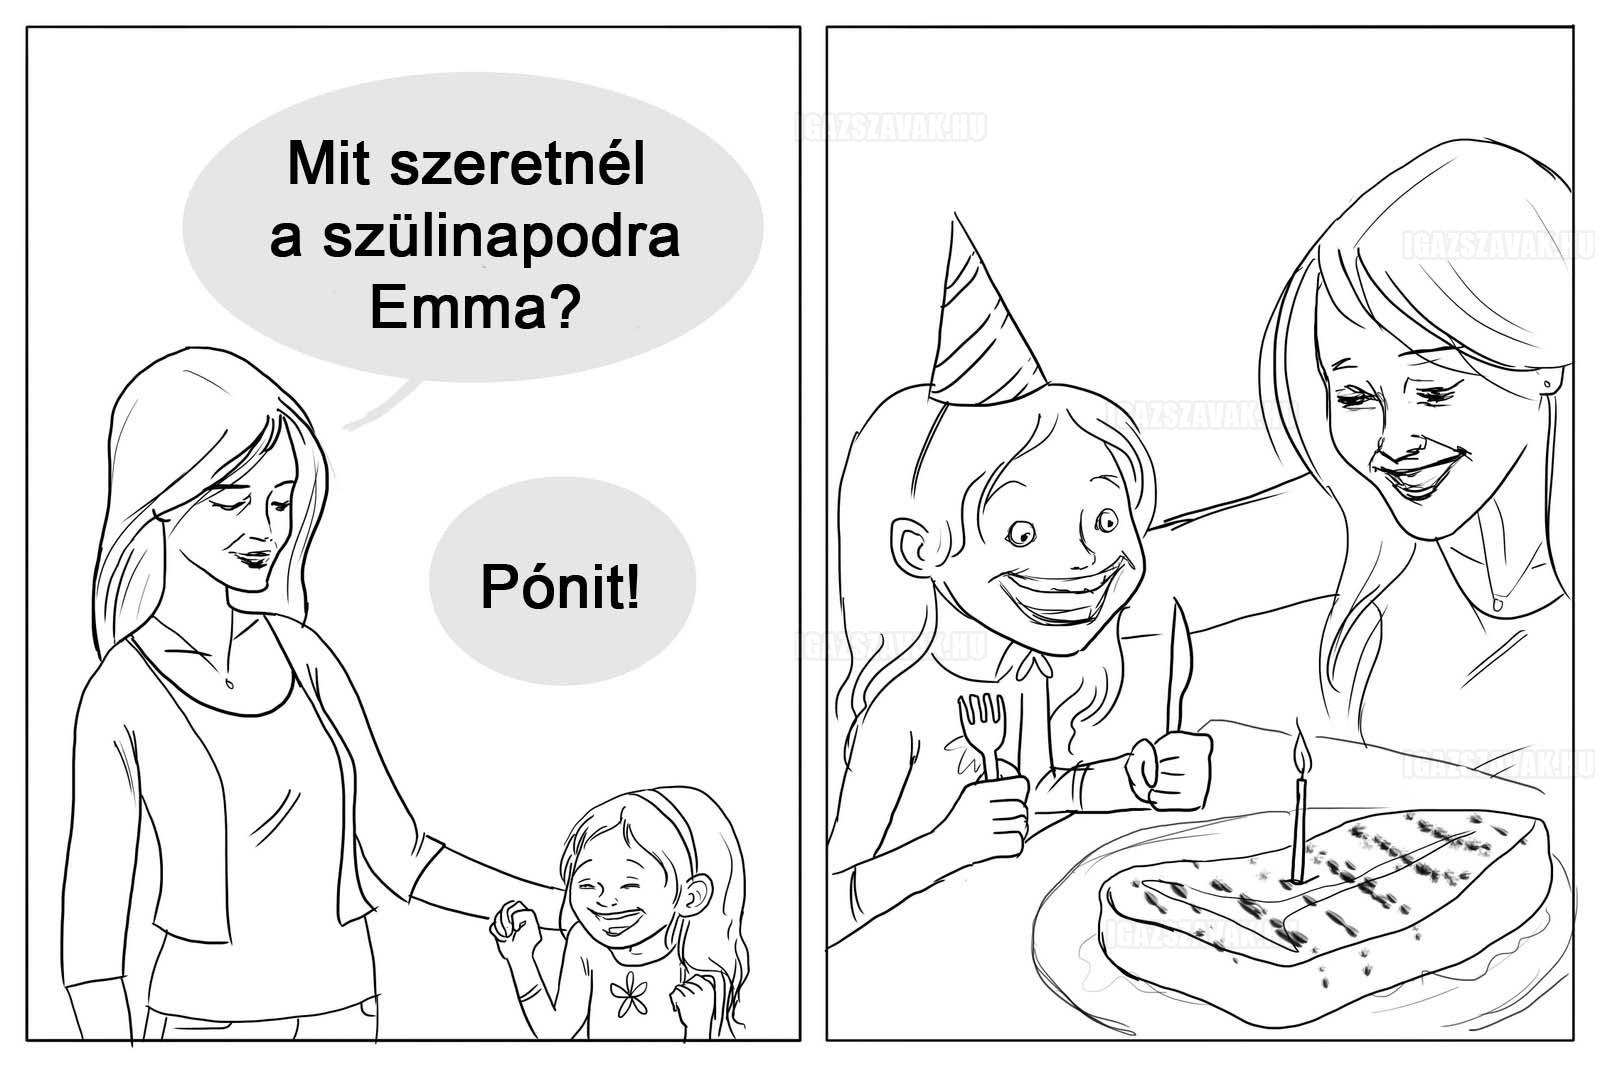 Mit szeretnél a szülinapodra Emma